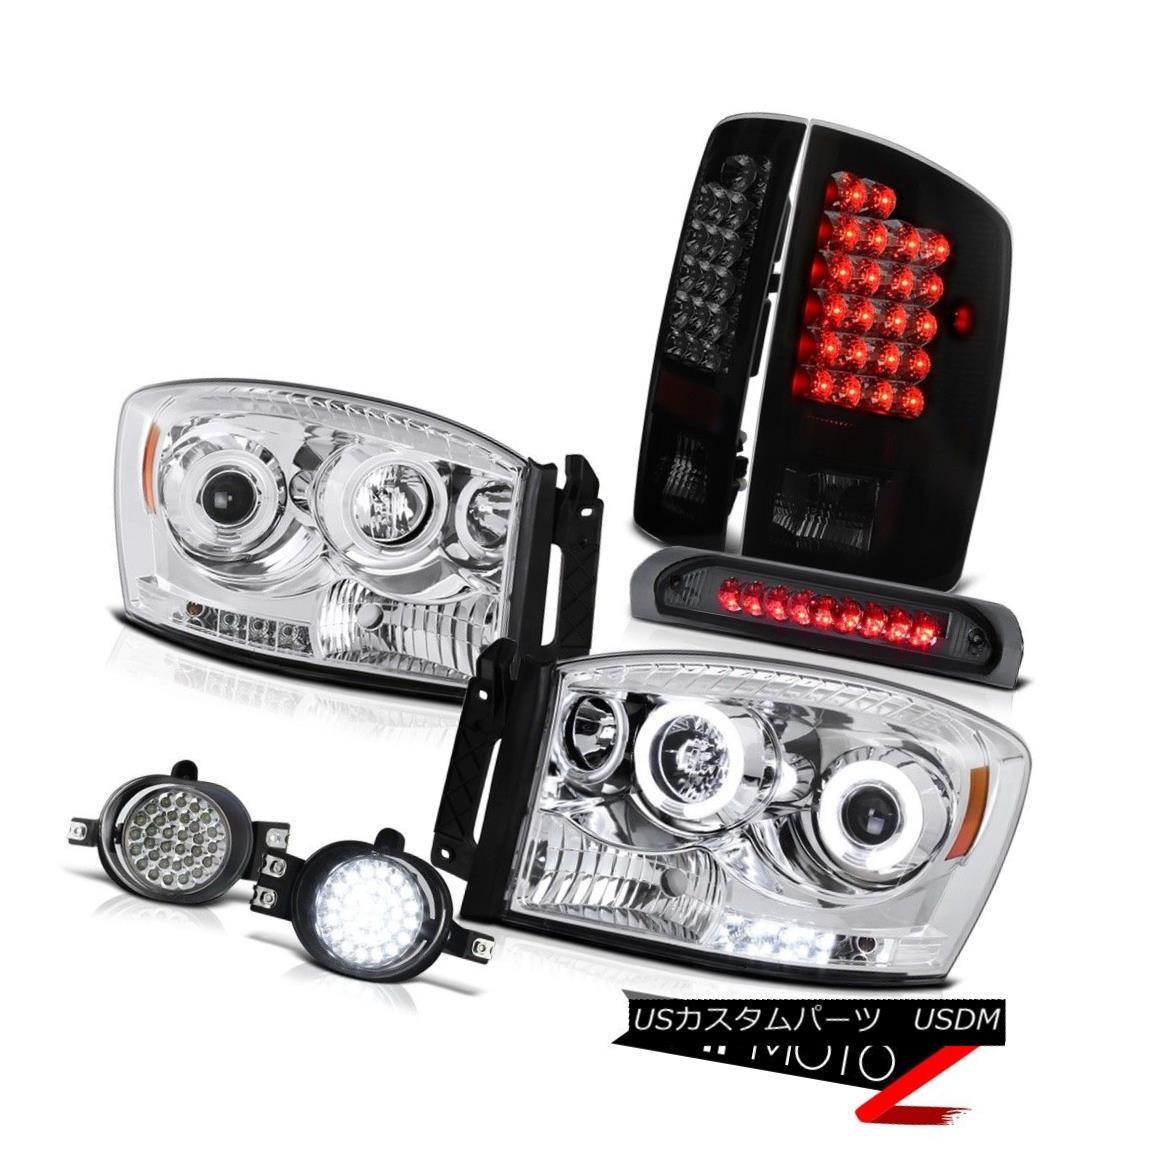 ヘッドライト Dodge Ram 1500 2500 3500 Smoke Black LED Tail Light Fog Lamp CCFL Headlight Lamp ダッジラム1500 2500 3500スモークブラックLEDテールライトフォグランプCCFLヘッドライトランプ